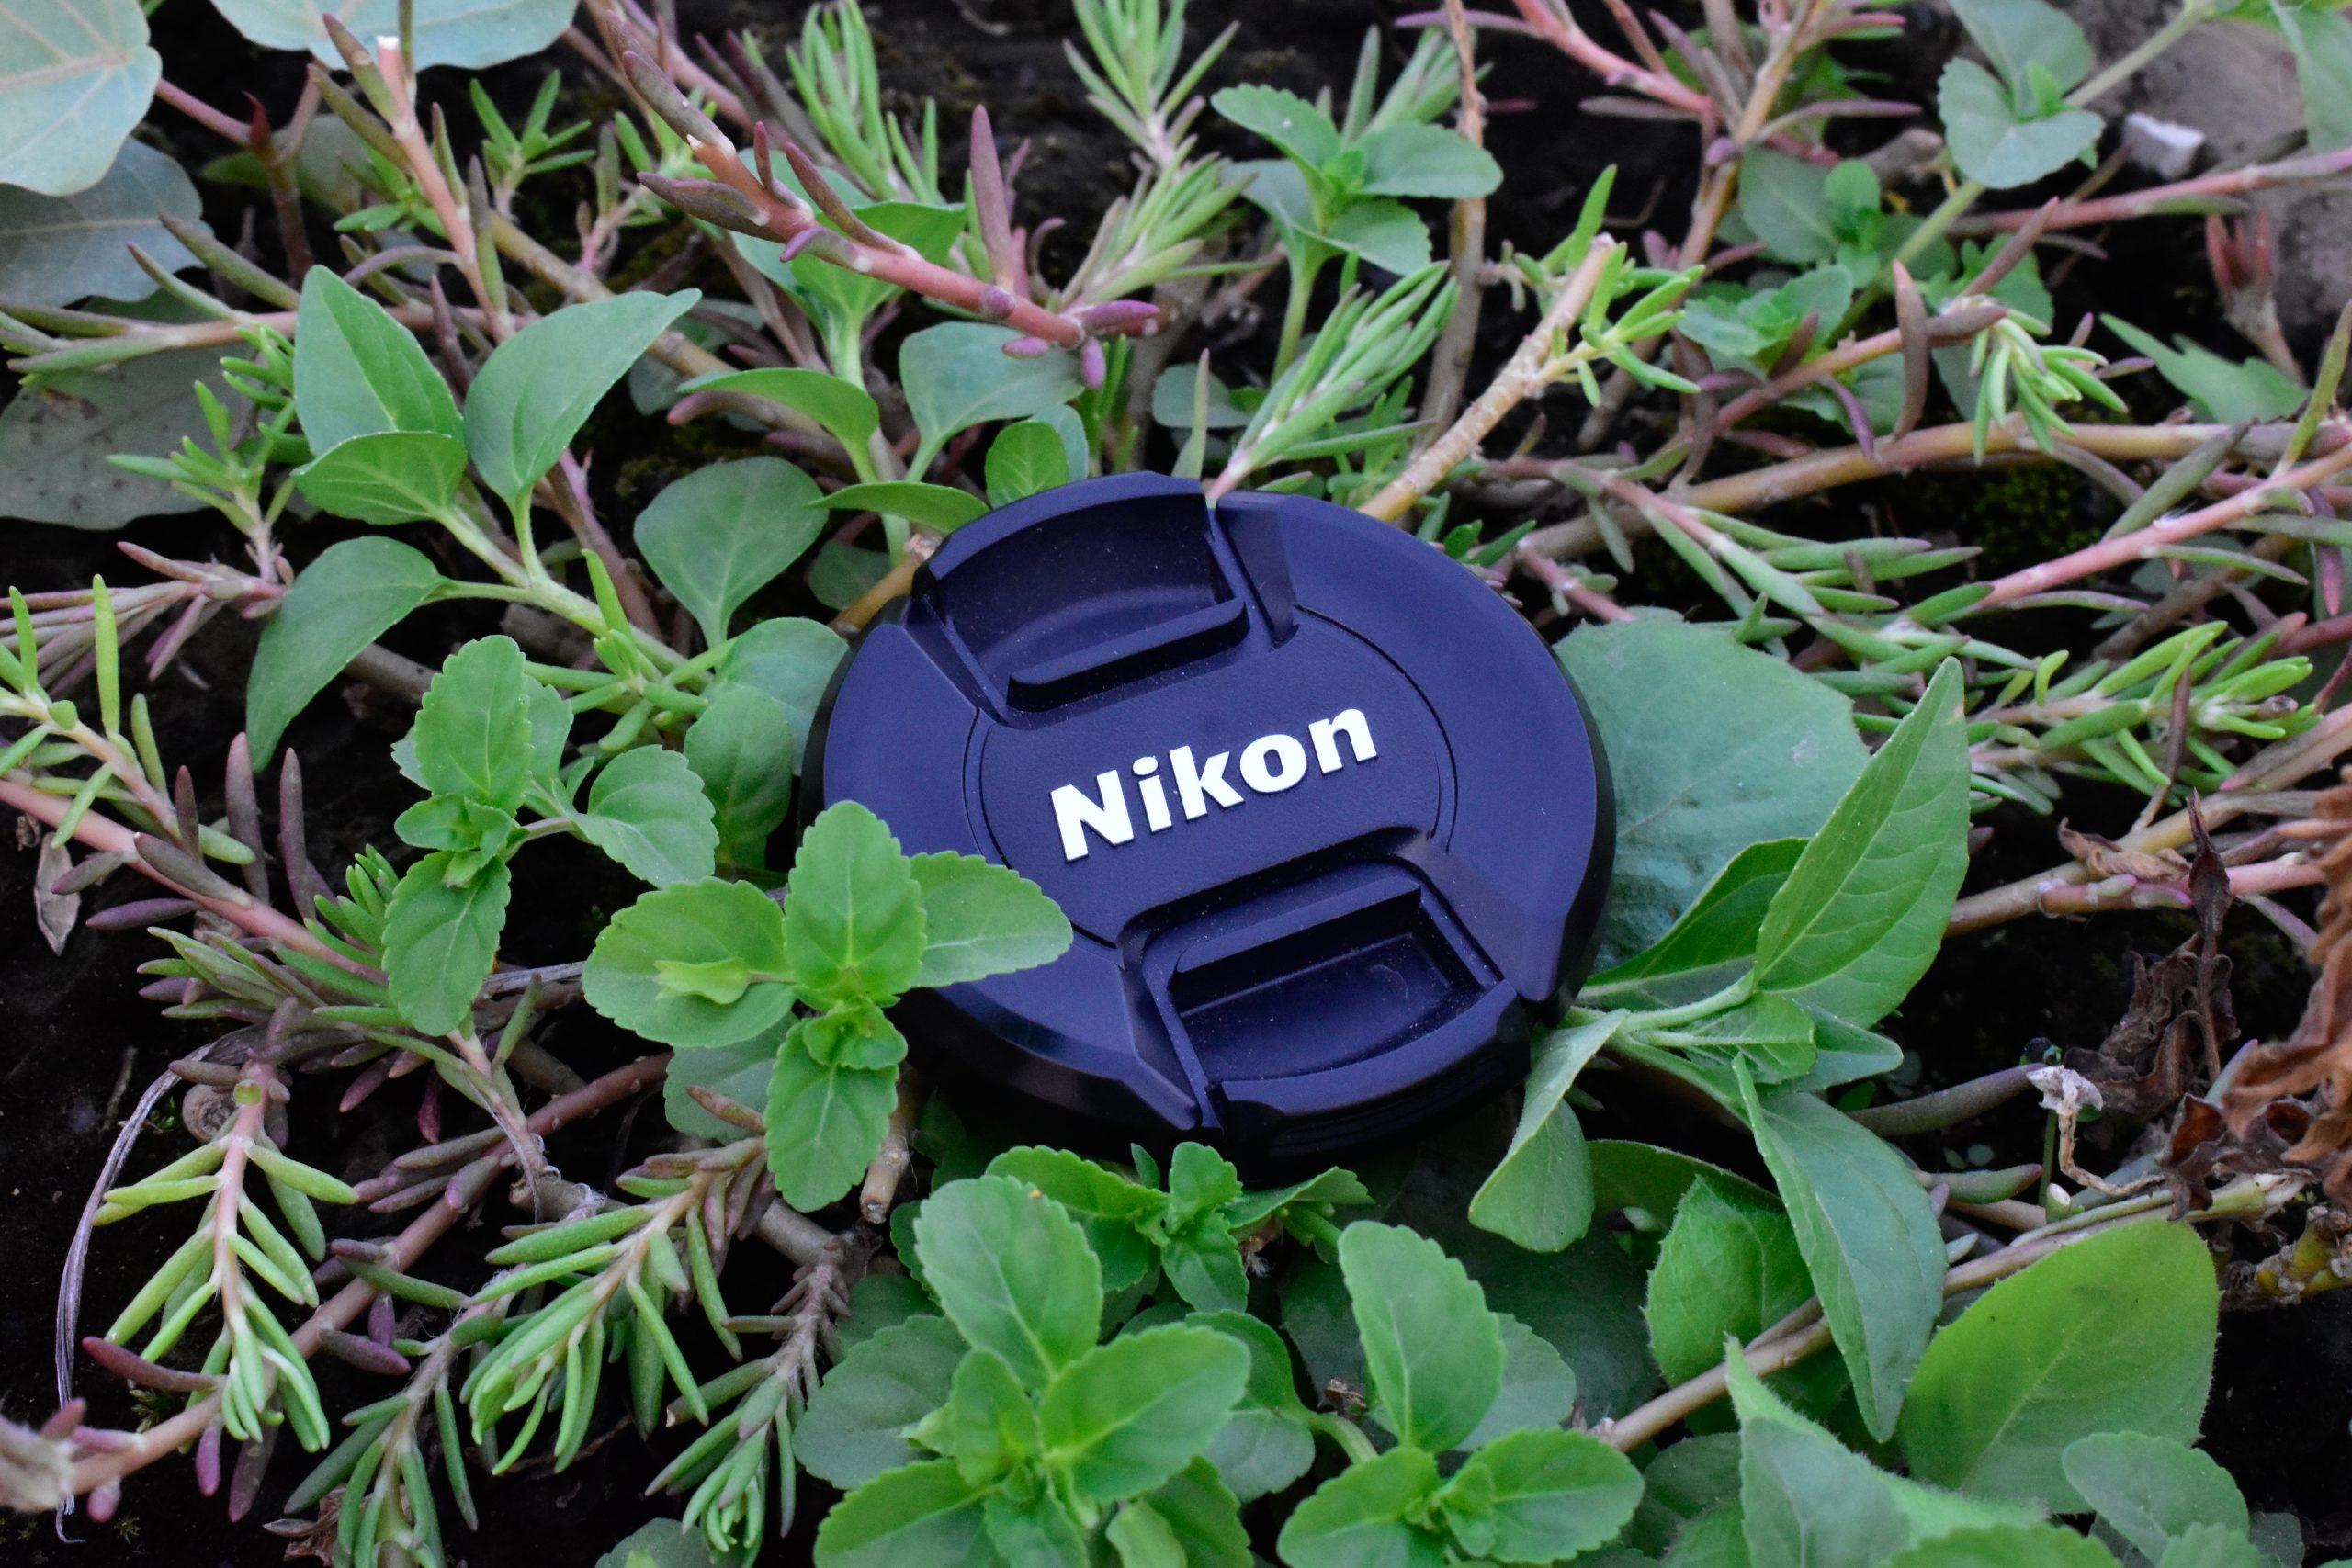 camera lens cap in leaves